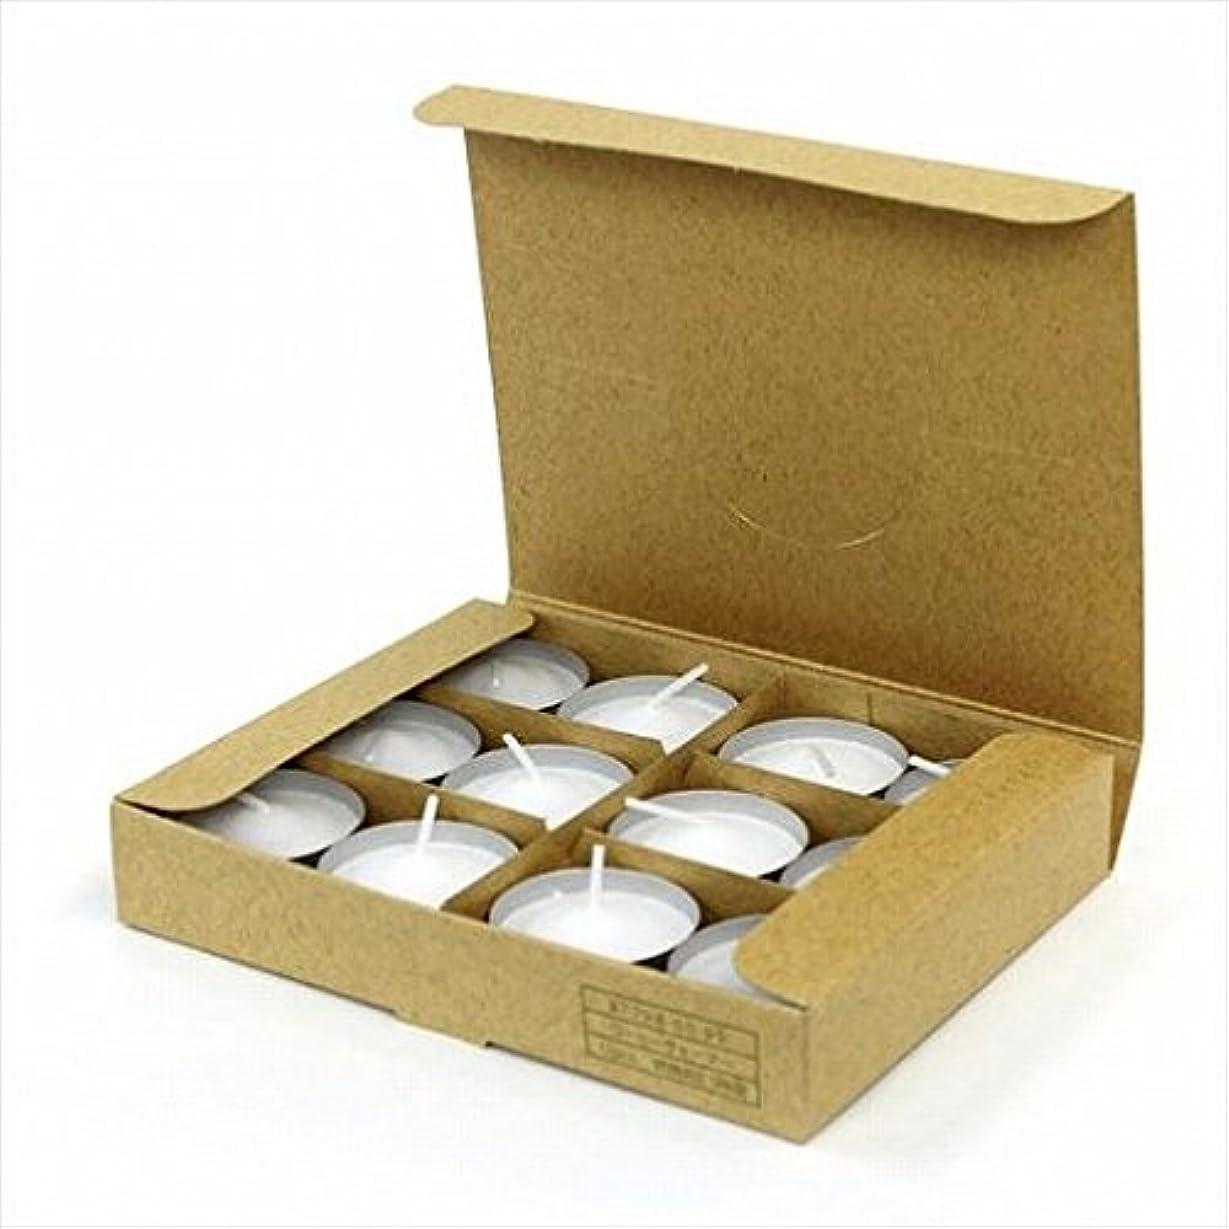 報奨金ノート放つkameyama candle(カメヤマキャンドル) コーヒーウォーマー12個入り(日本製)(77980099)